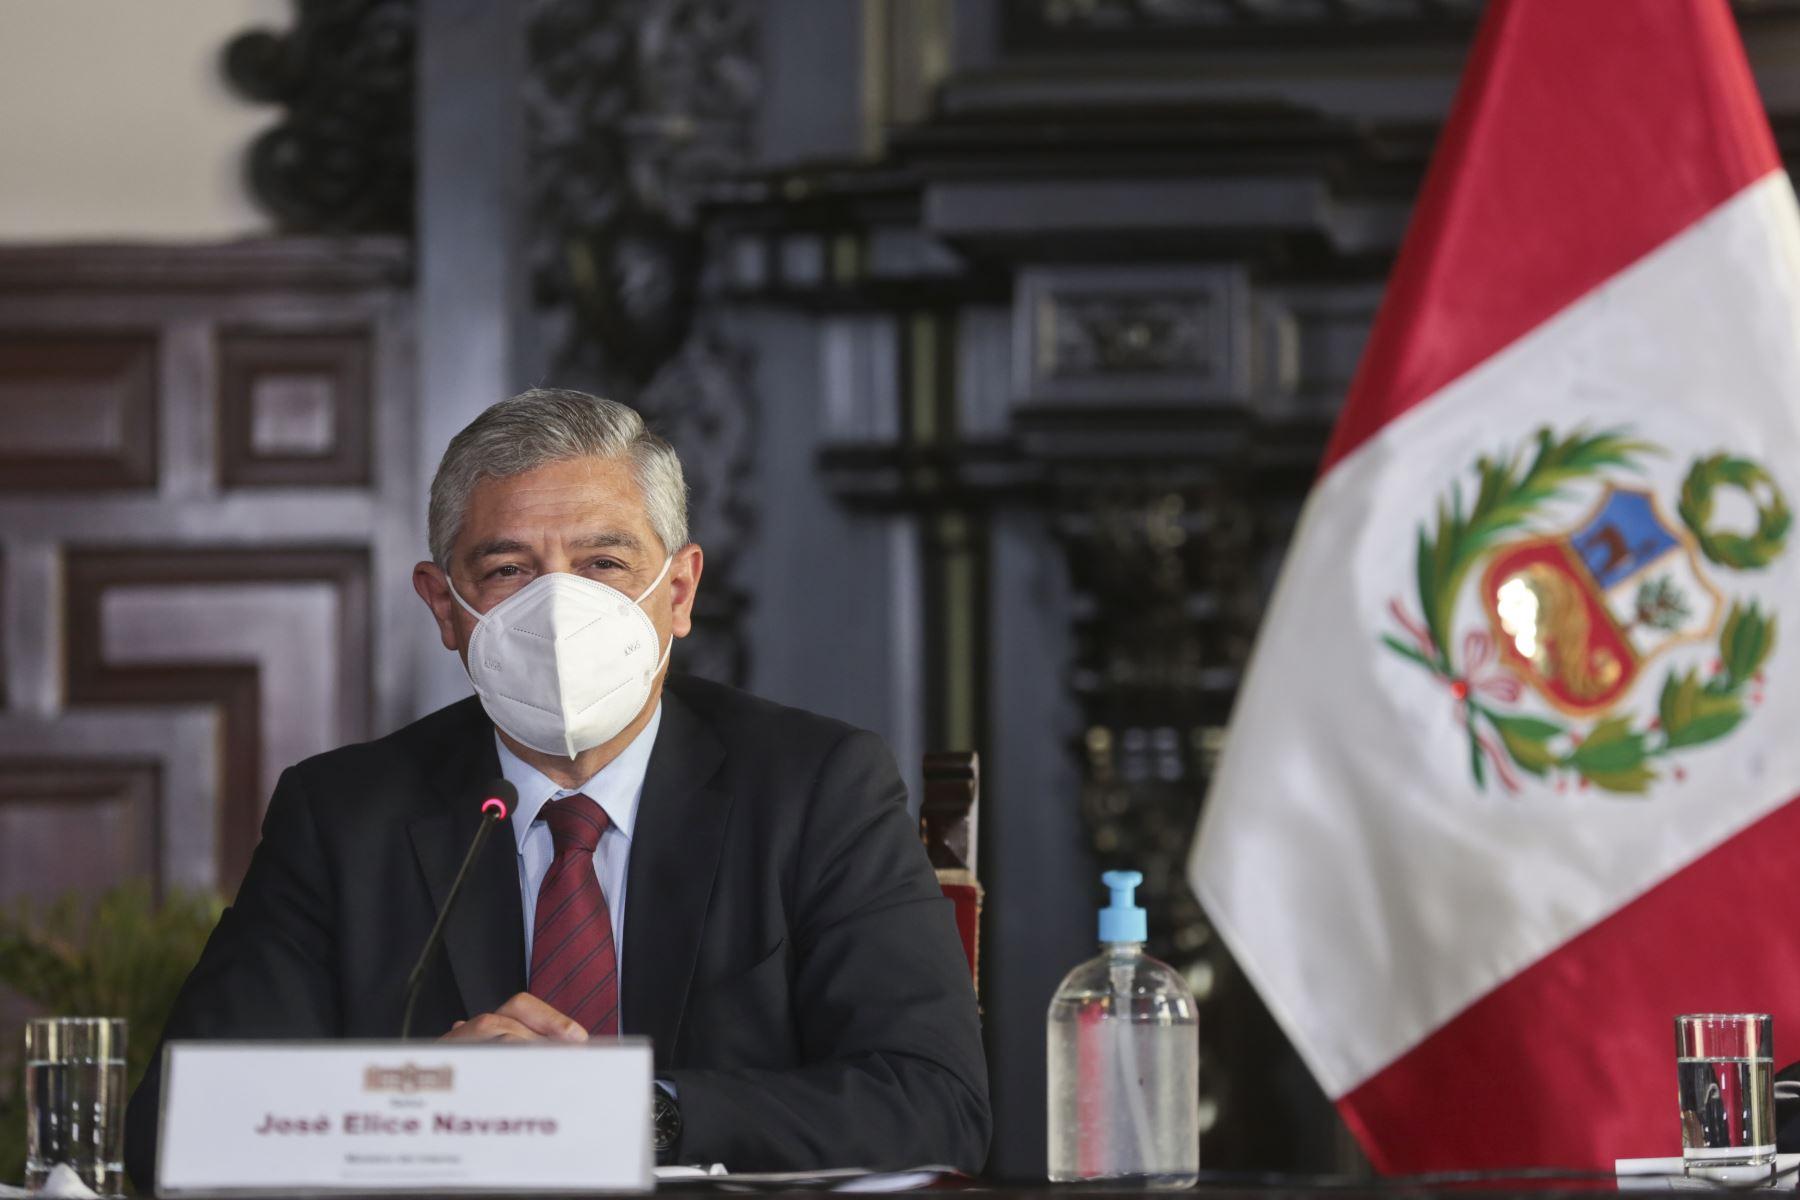 Ministro del Interior, José Elice brinda conferencia de prensa. Foto: PCM